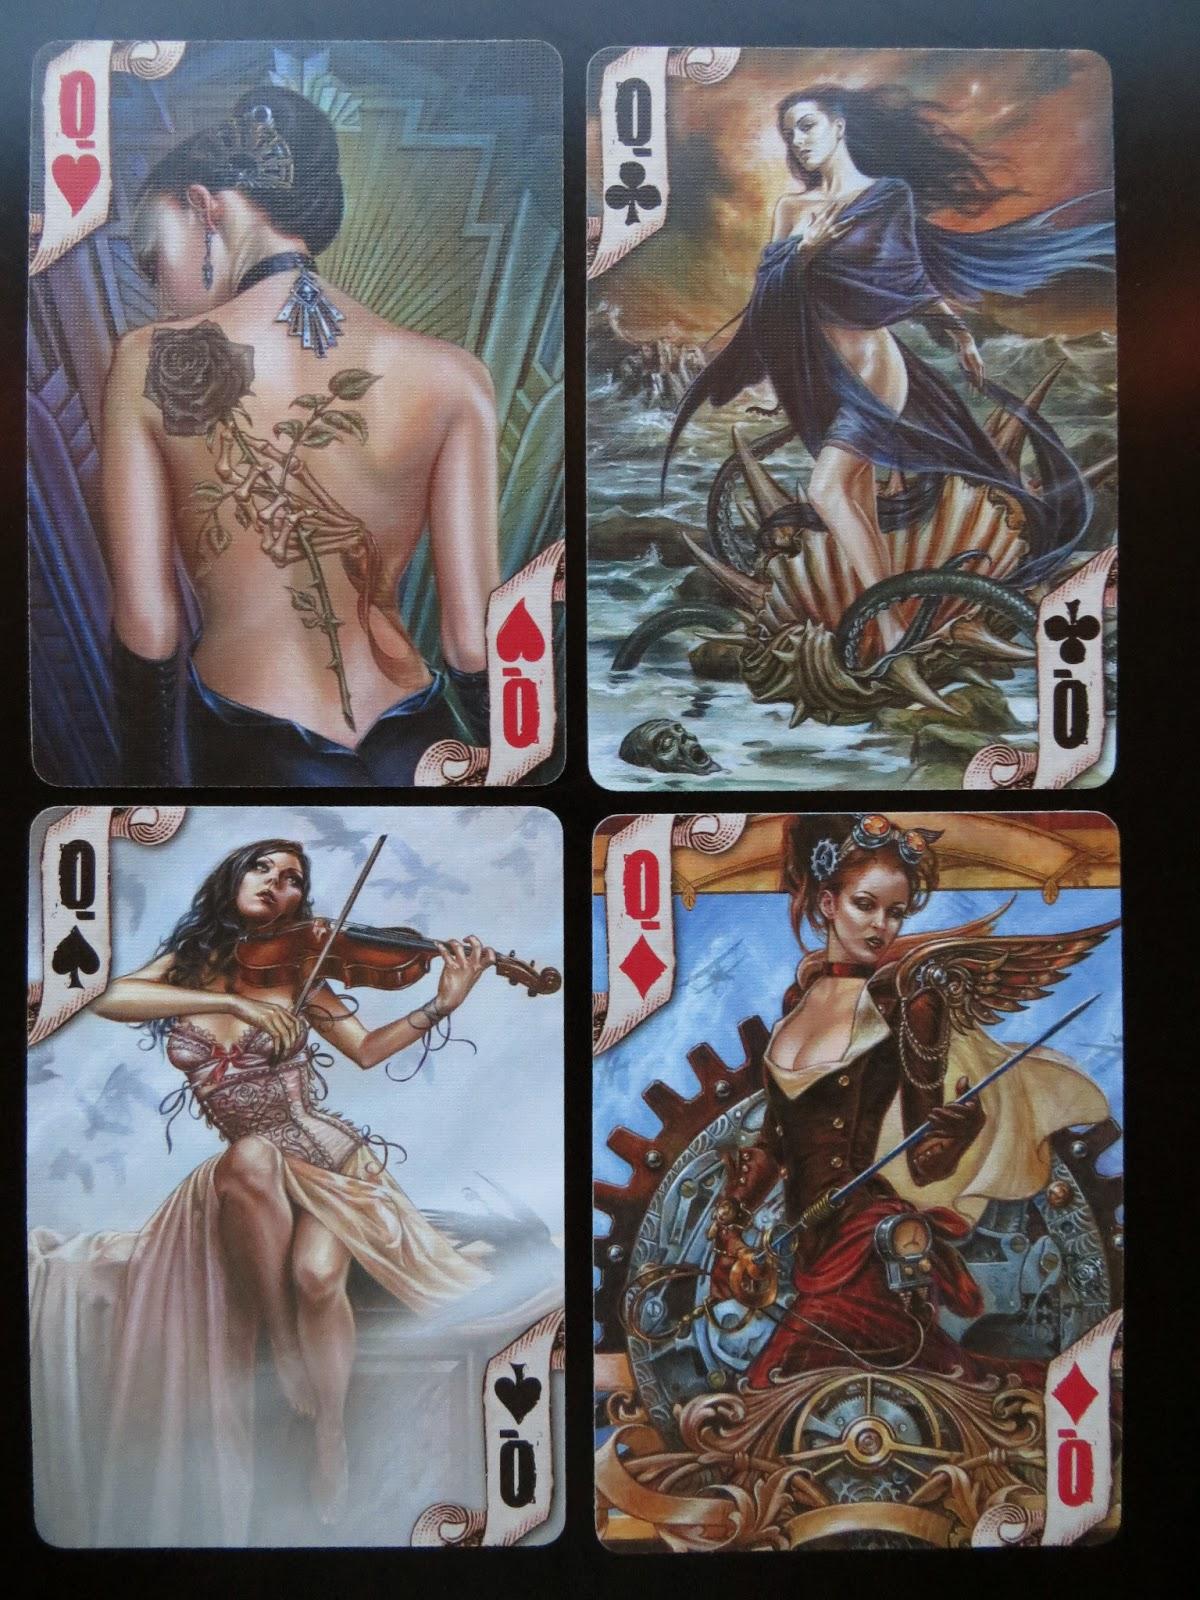 playing-card-deck-women-sexy-wwf-chyna-cunt